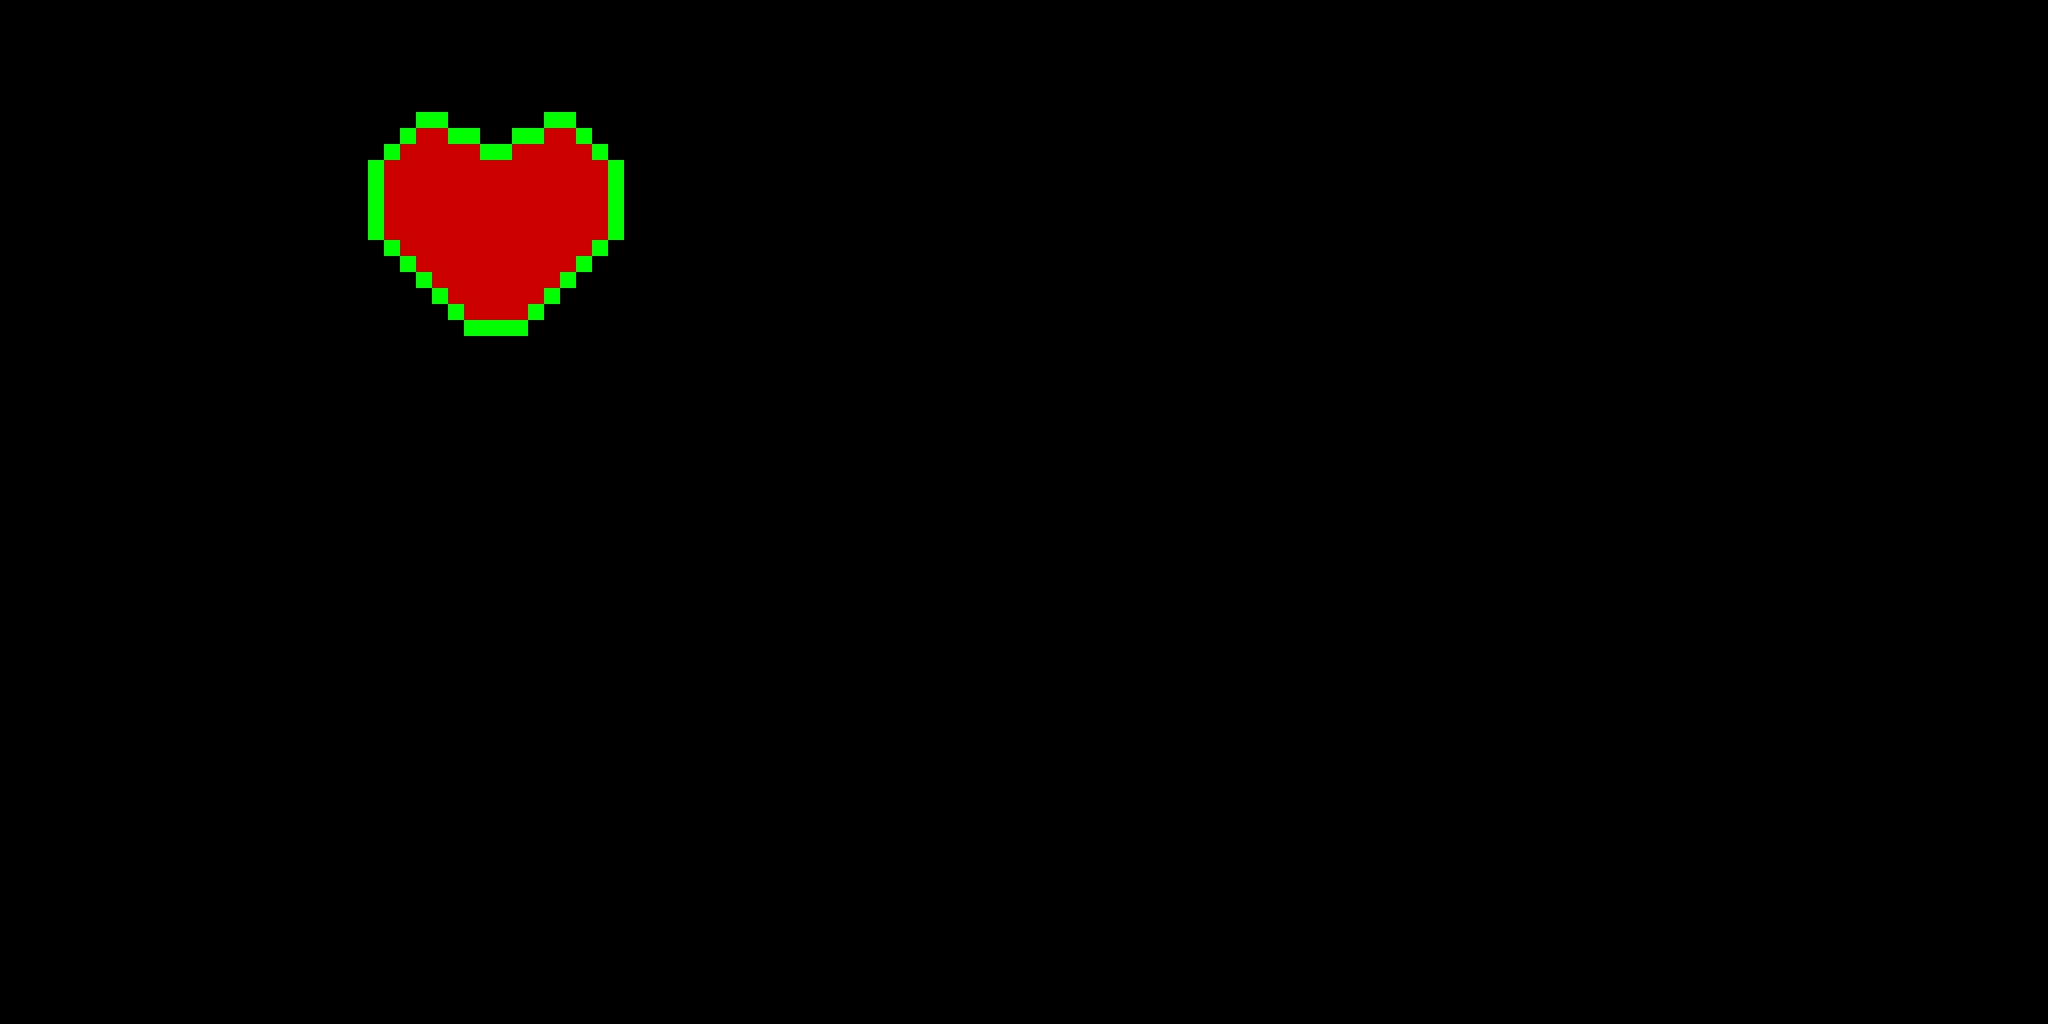 Heart Power-Up